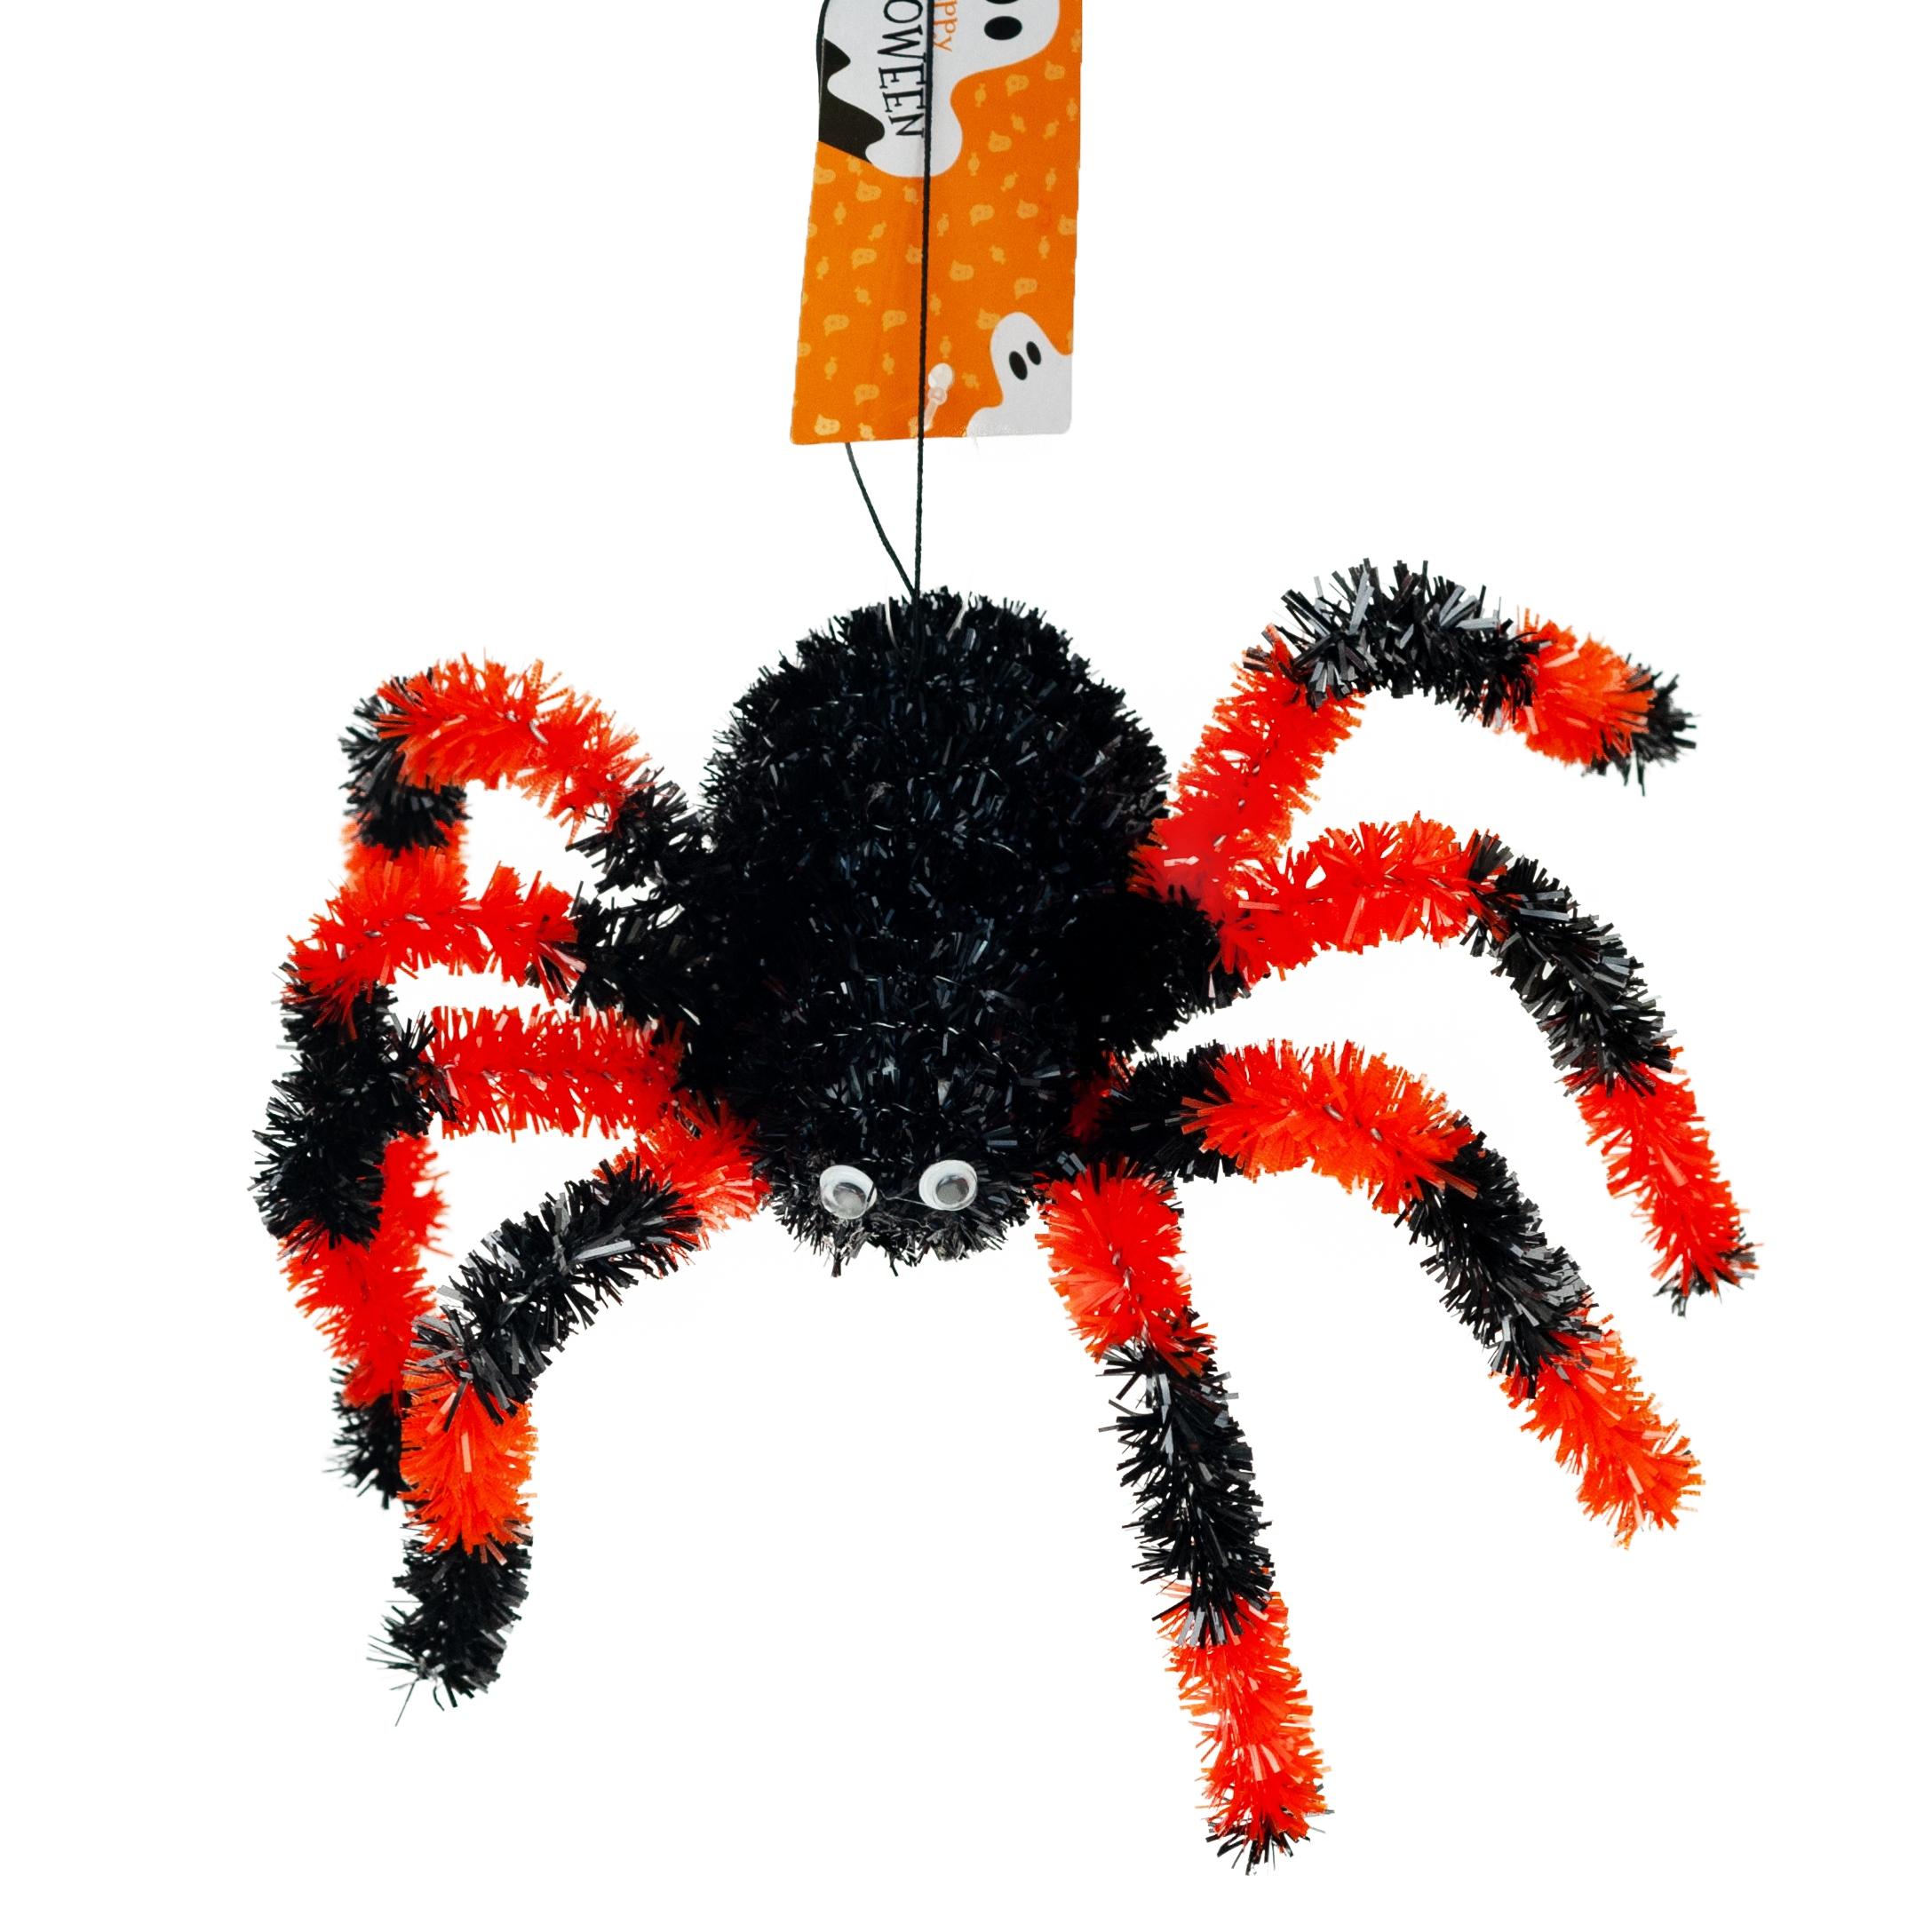 HALLOWEEN SPIDER страшный декор черный и оранжевый